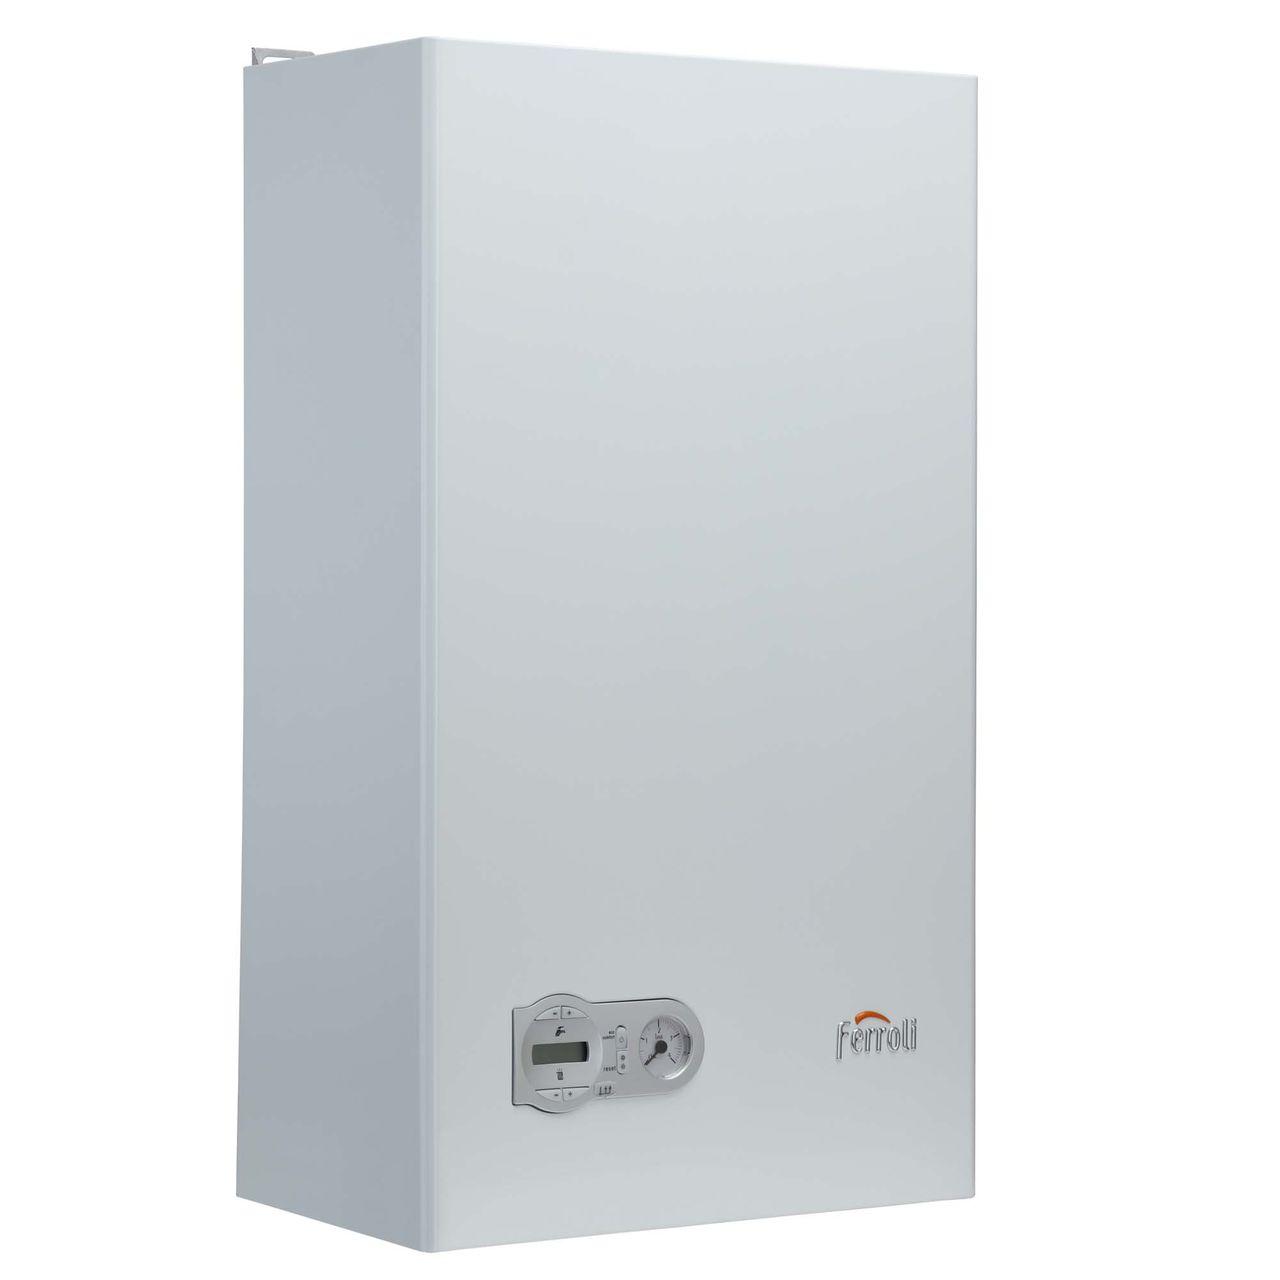 Oabf4b4a domiproject f24 медный теплообменник для систем отопления и гвс реферат на тему трубчатые теплообменники